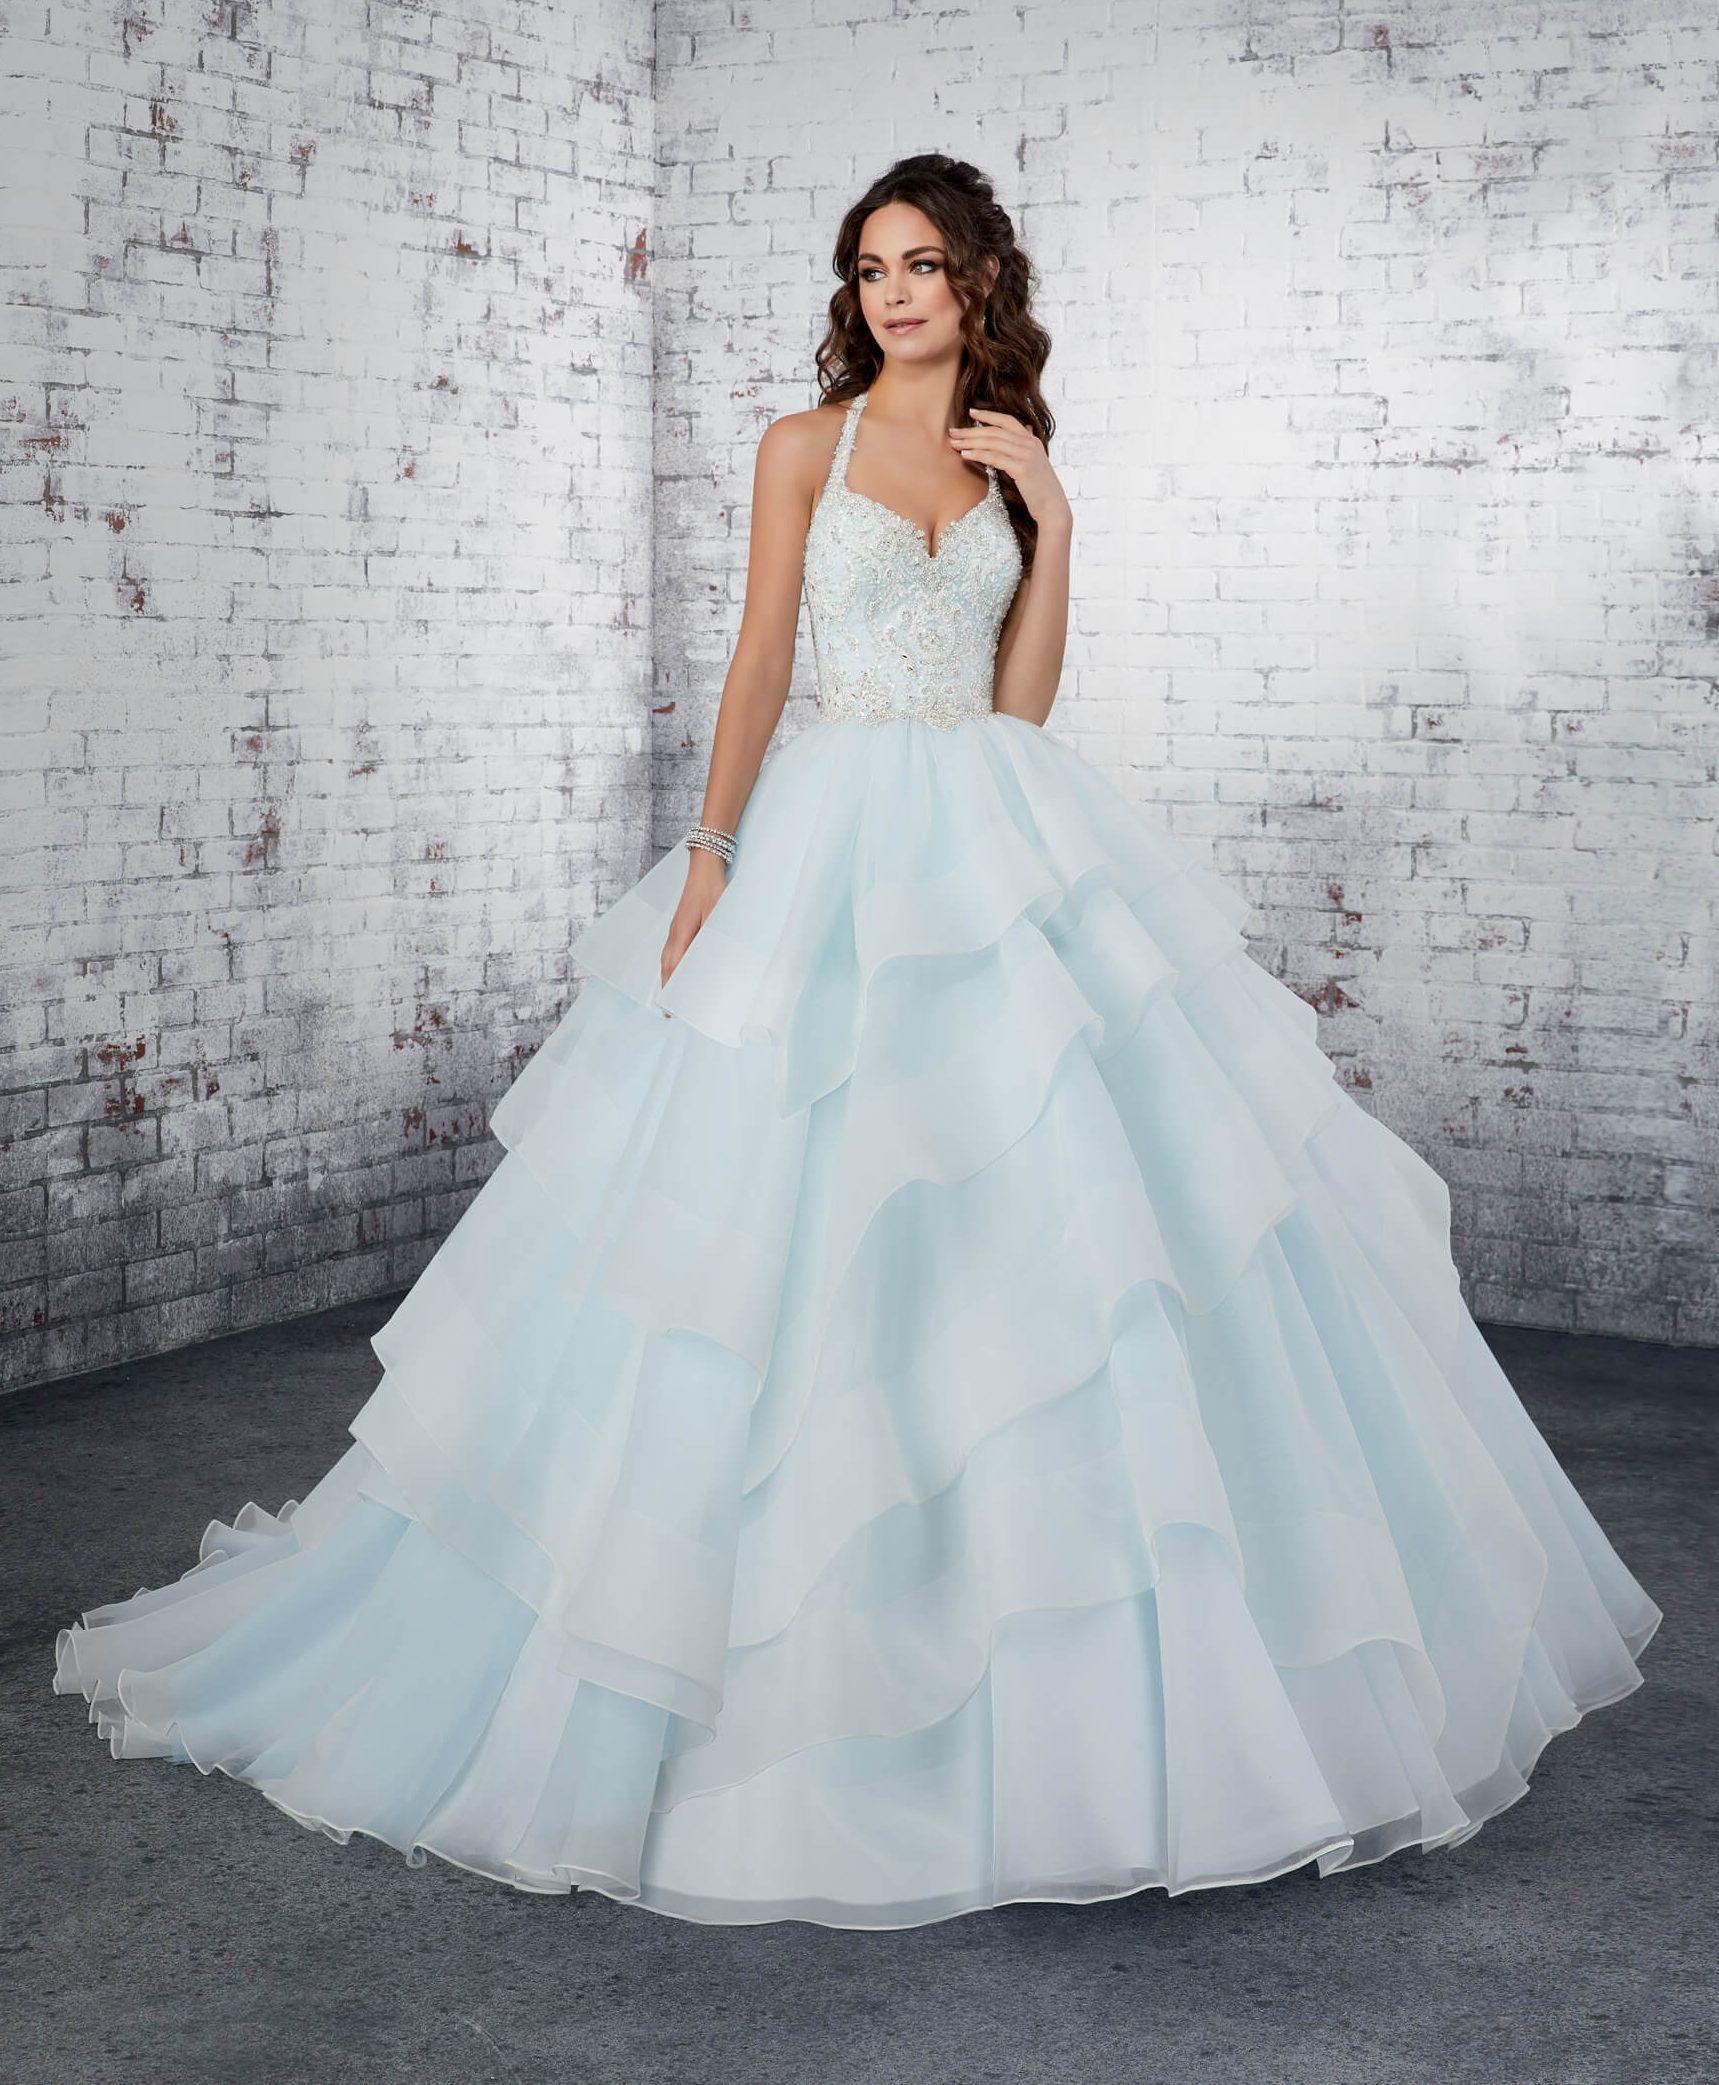 princes_poročne_obleke_z volančki_in_kristali